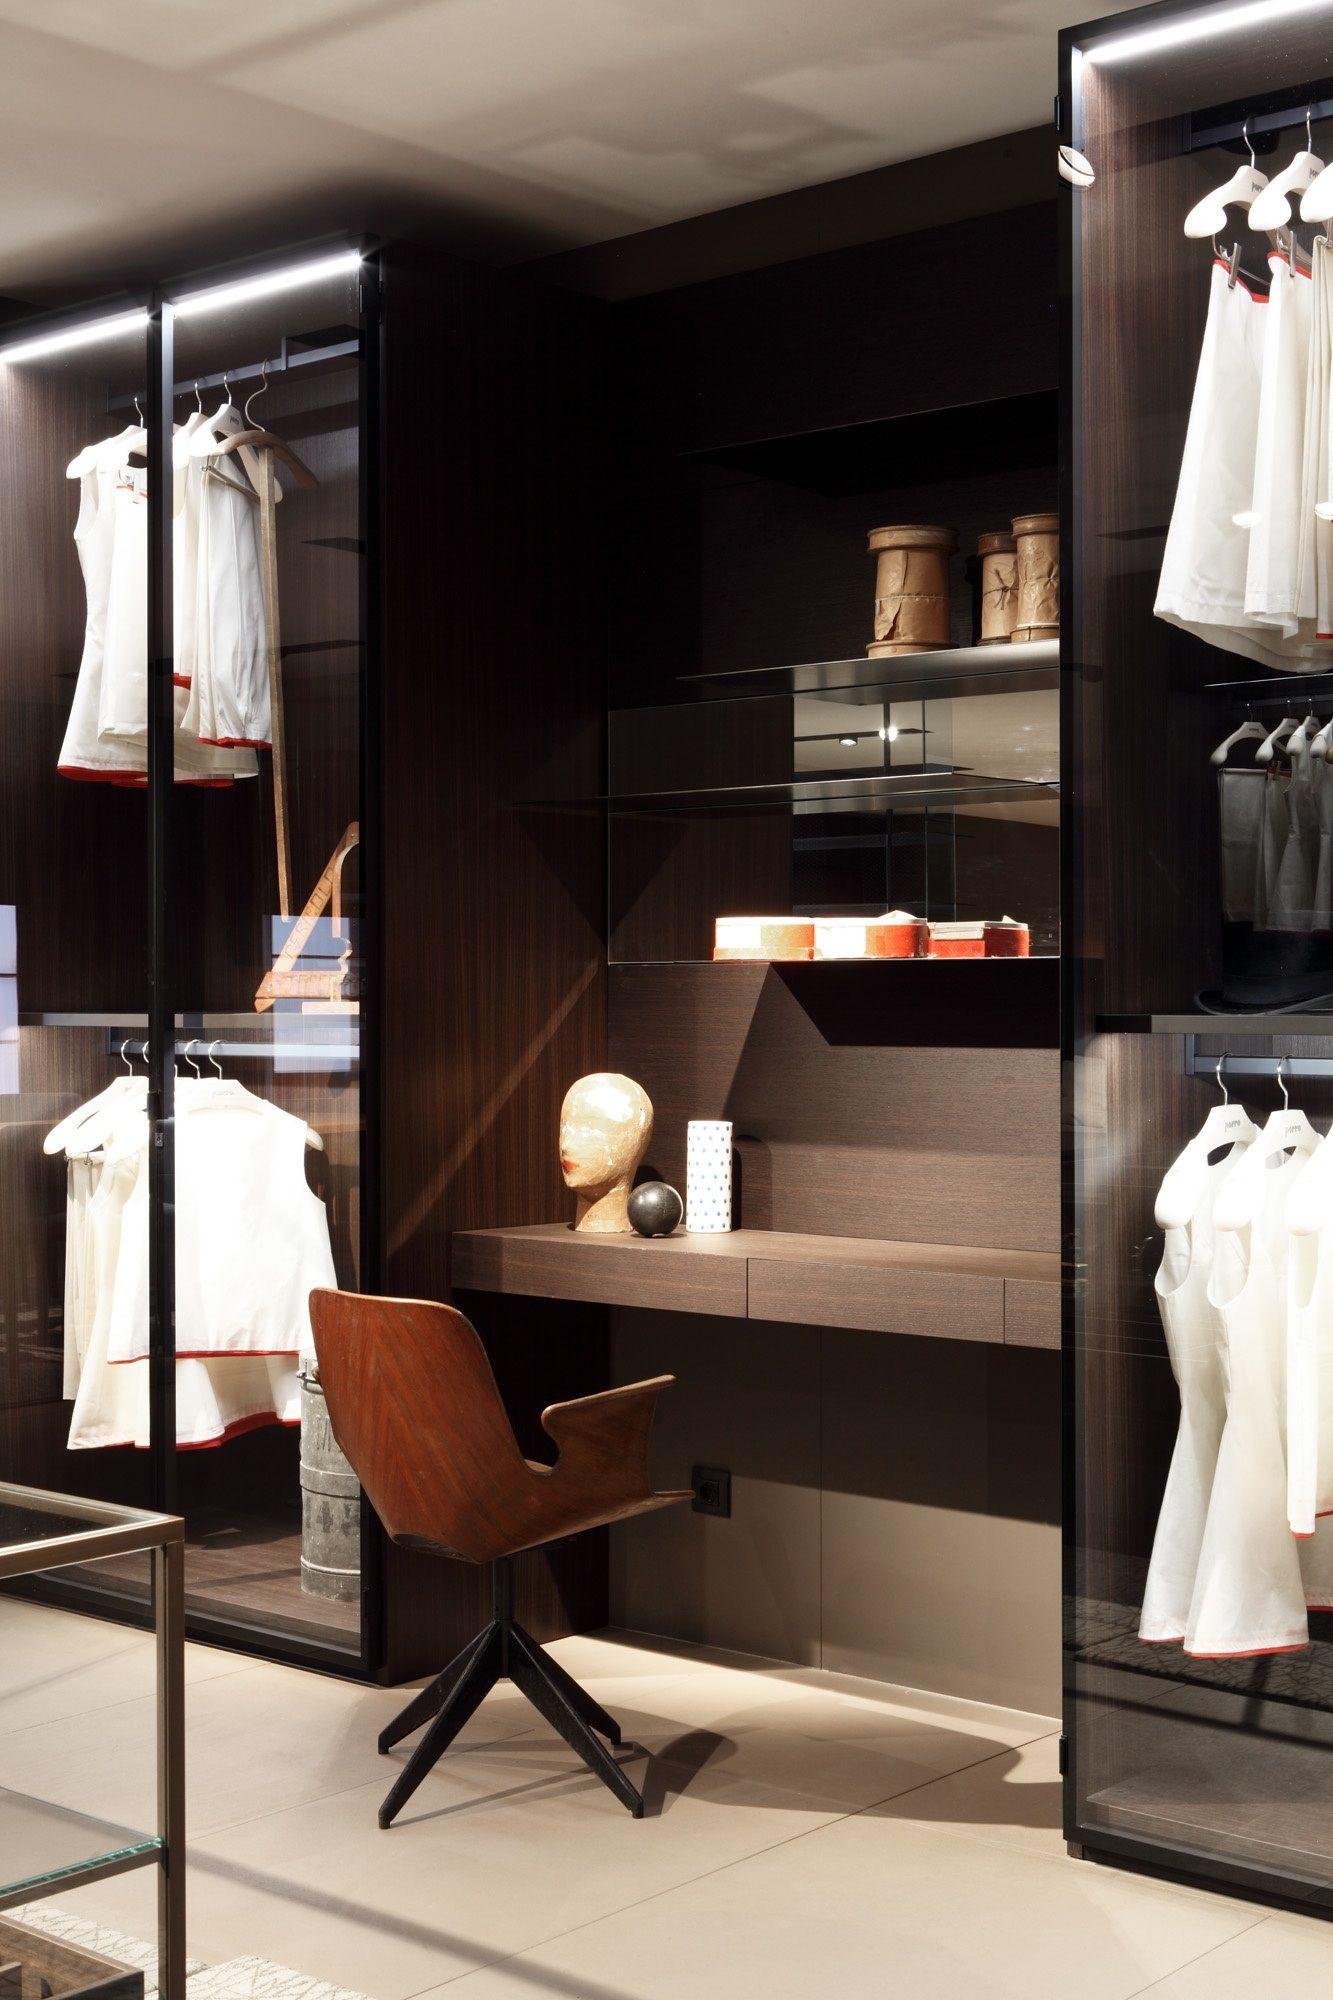 Wardrobe Vanity | Interior Design | Pinterest | Vanities, Wardrobes ...